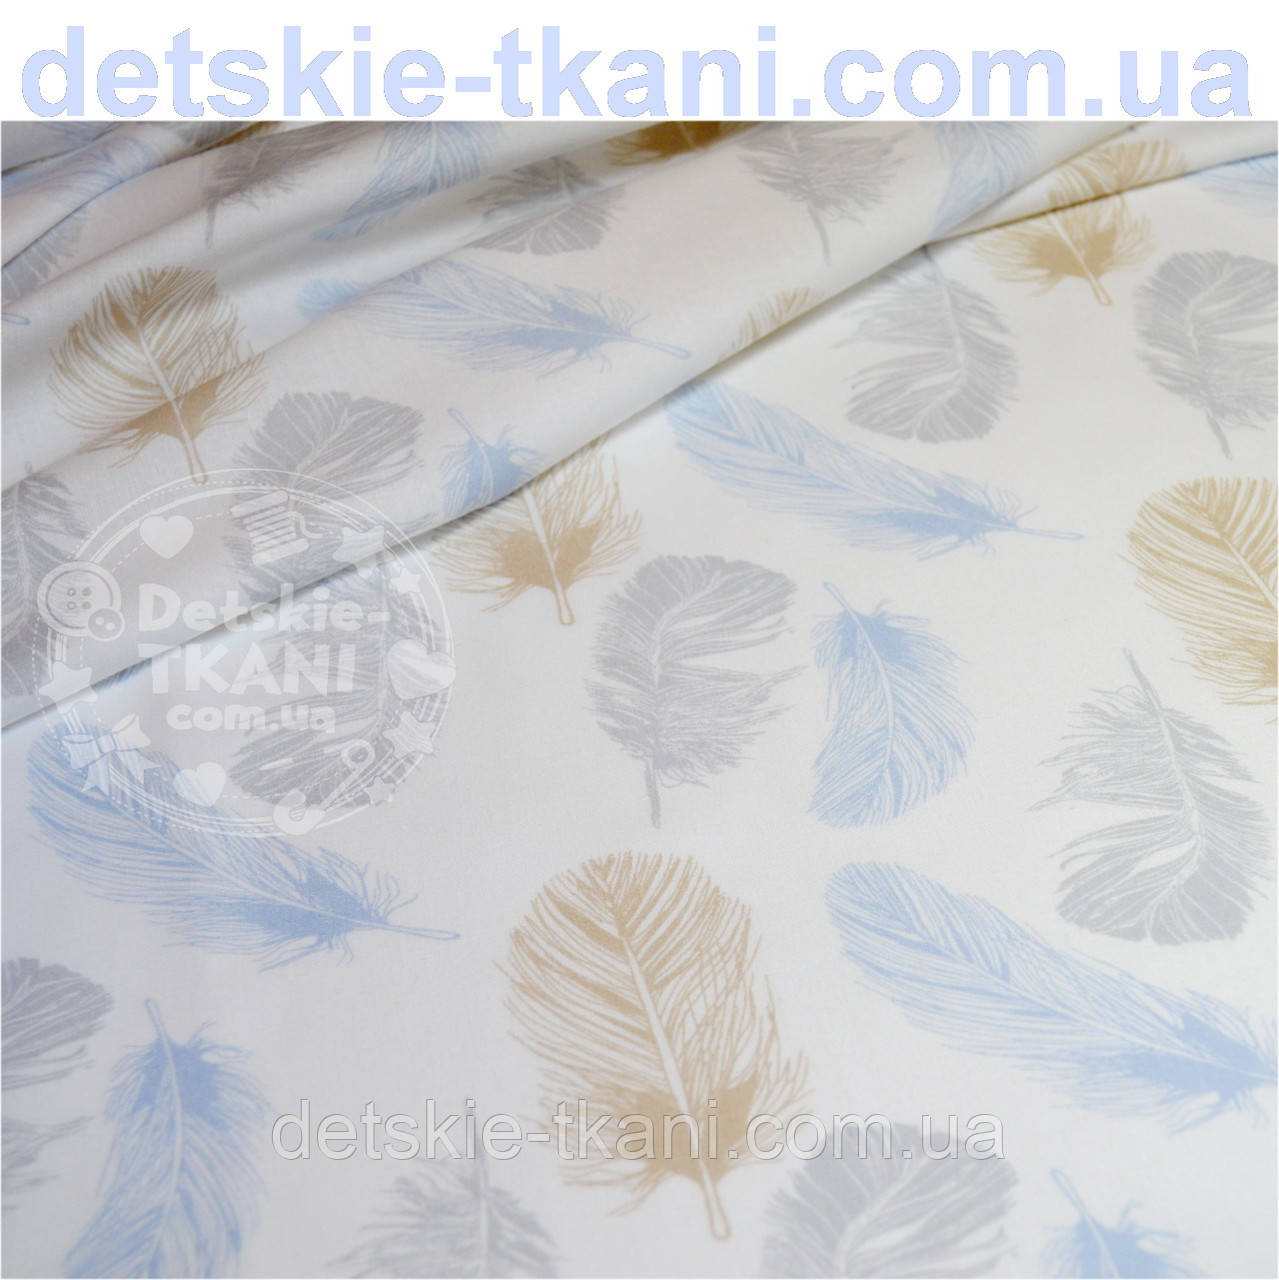 Отрез хлопковой ткани 75*150 с голубыми, серыми и коричневыми пёрышками  № 586